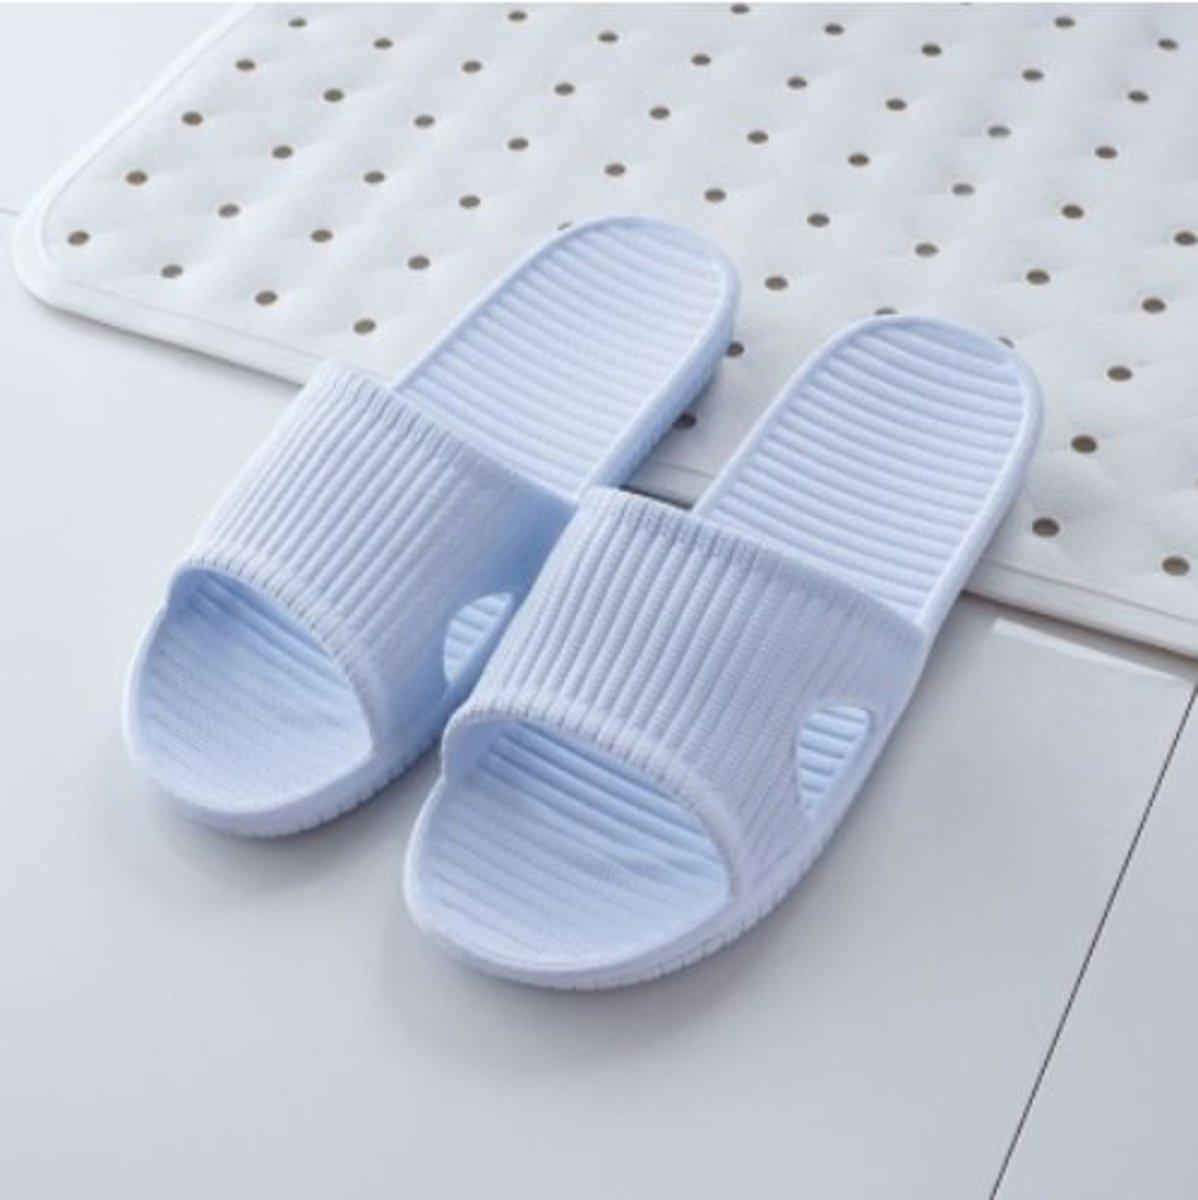 Japan World life Men's Home Bathroom Slippers (Light Blue / 40-41)